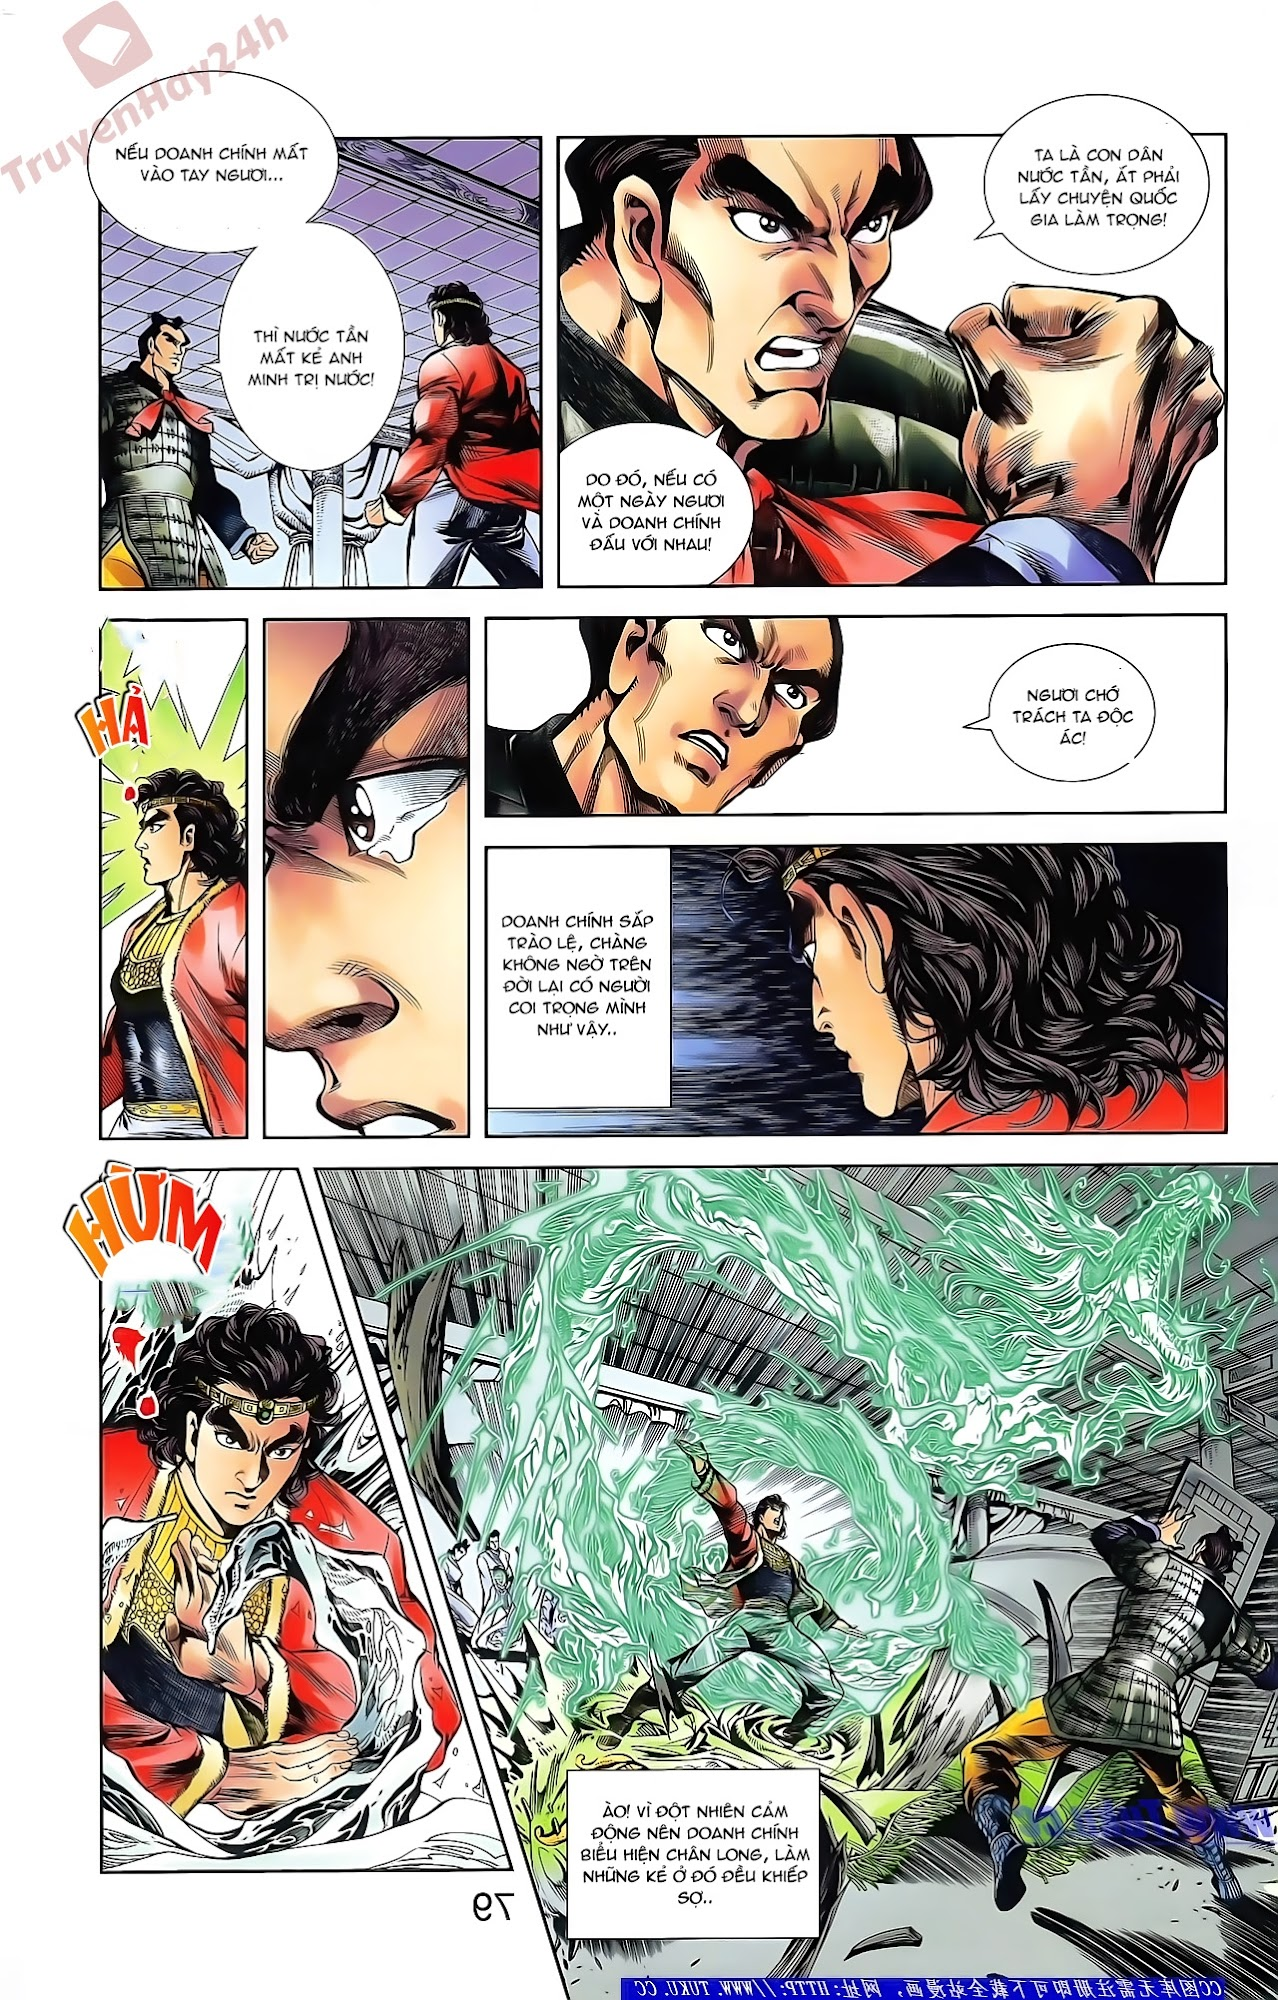 Tần Vương Doanh Chính chapter 42 trang 13